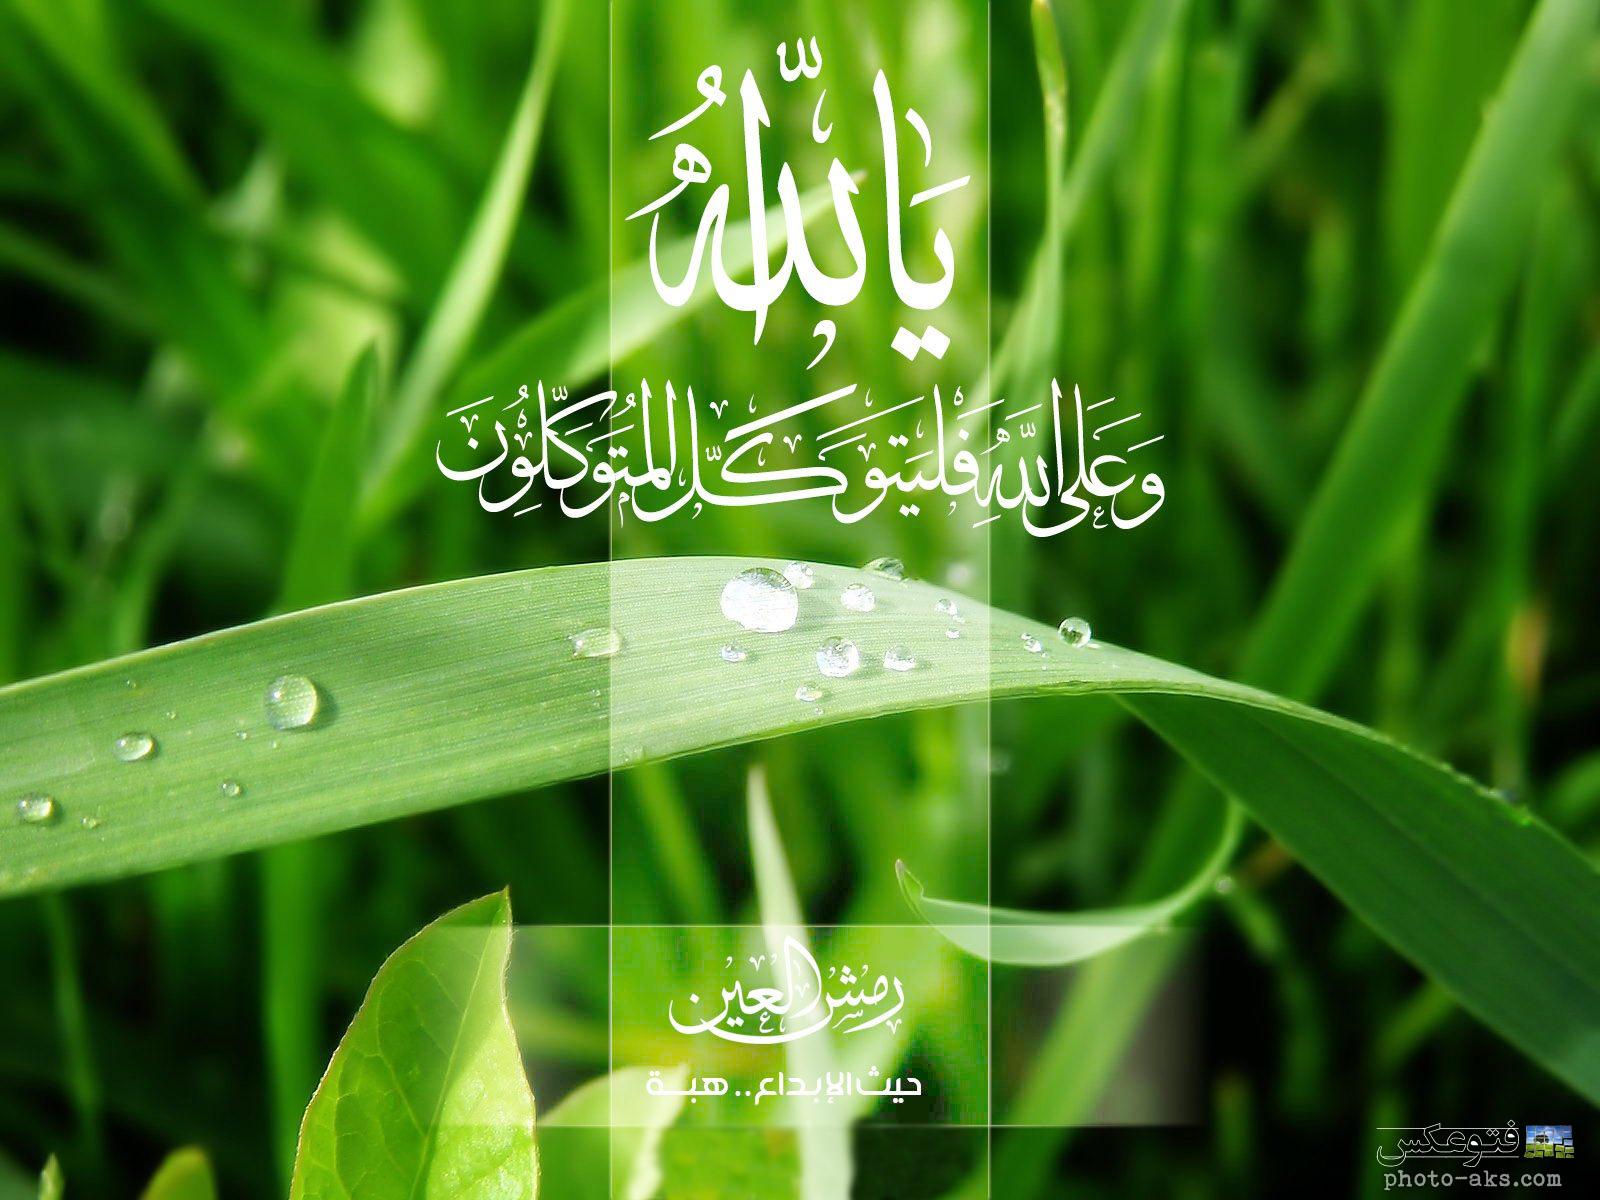 زیباترین پوستر های اسلامی